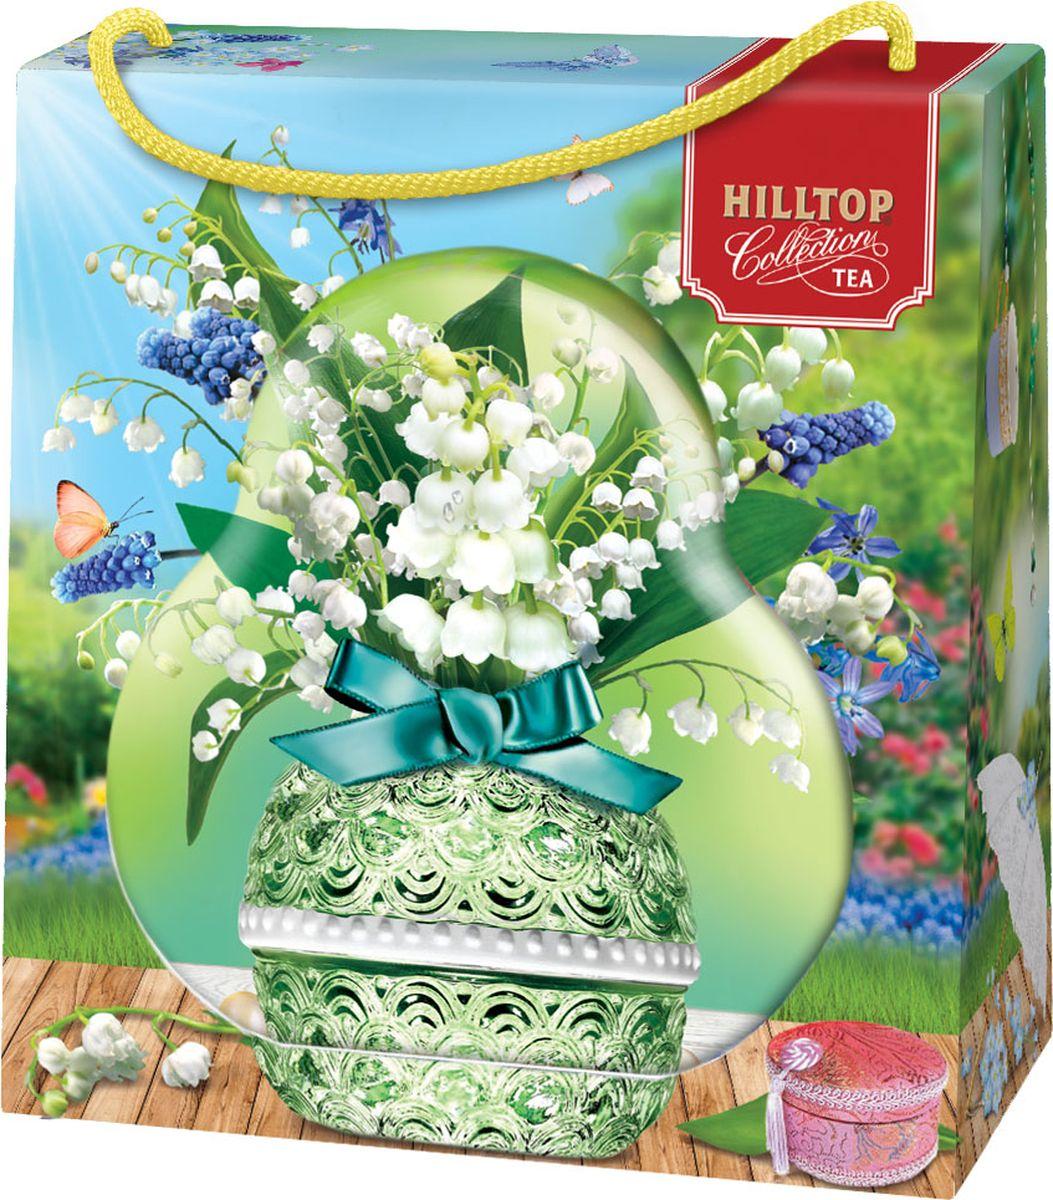 Hilltop Ландыш чай листовой королевское золото, 50 г hilltop зеленая симфония зеленый листовой чай 100 г